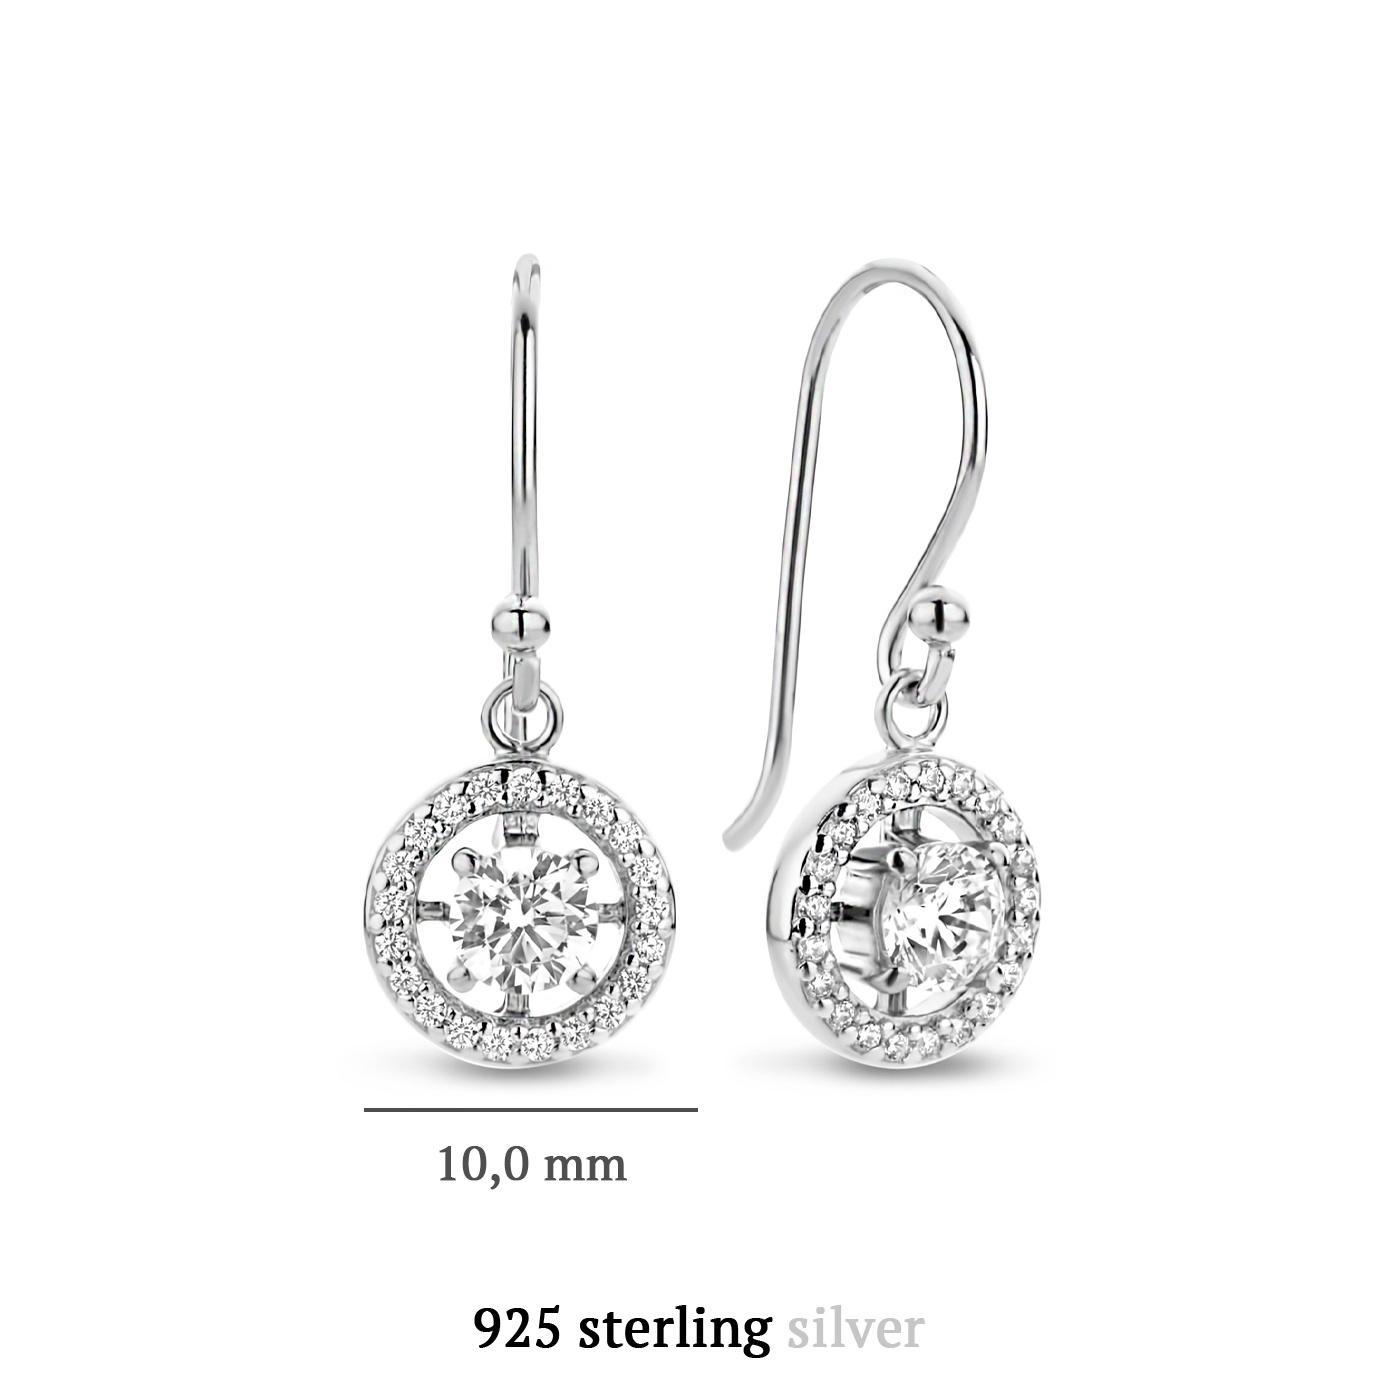 Parte di Me Luce Mia Dalia pendentifs d'oreille en argent sterling 925